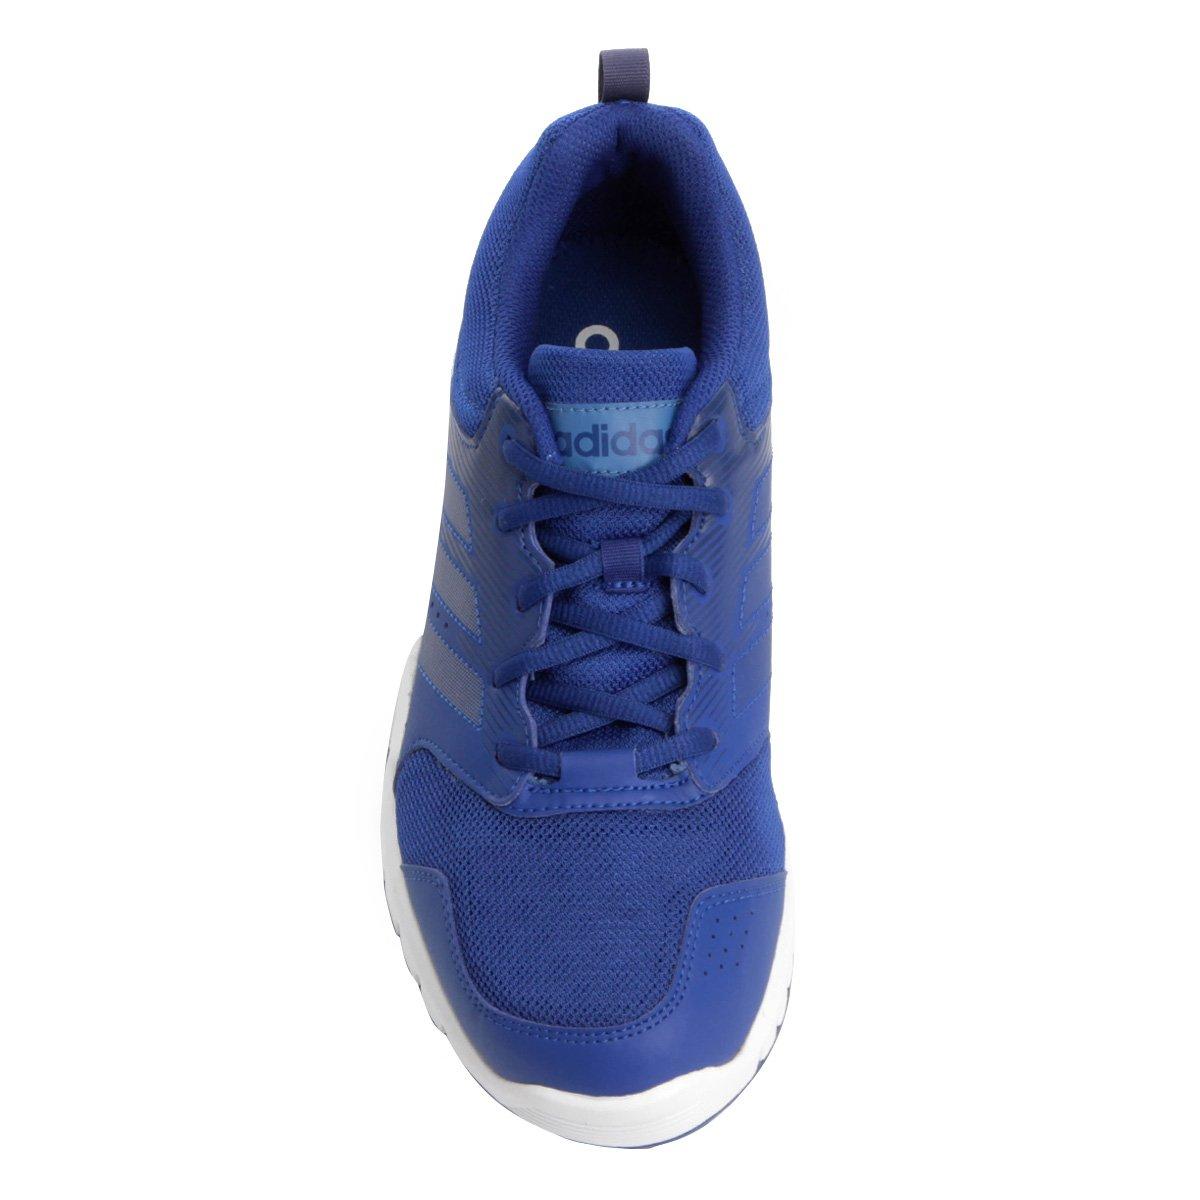 Tênis Adidas Essential Star 3 Masculino - Azul Royal - Compre Agora ... 8d4f5e78790af